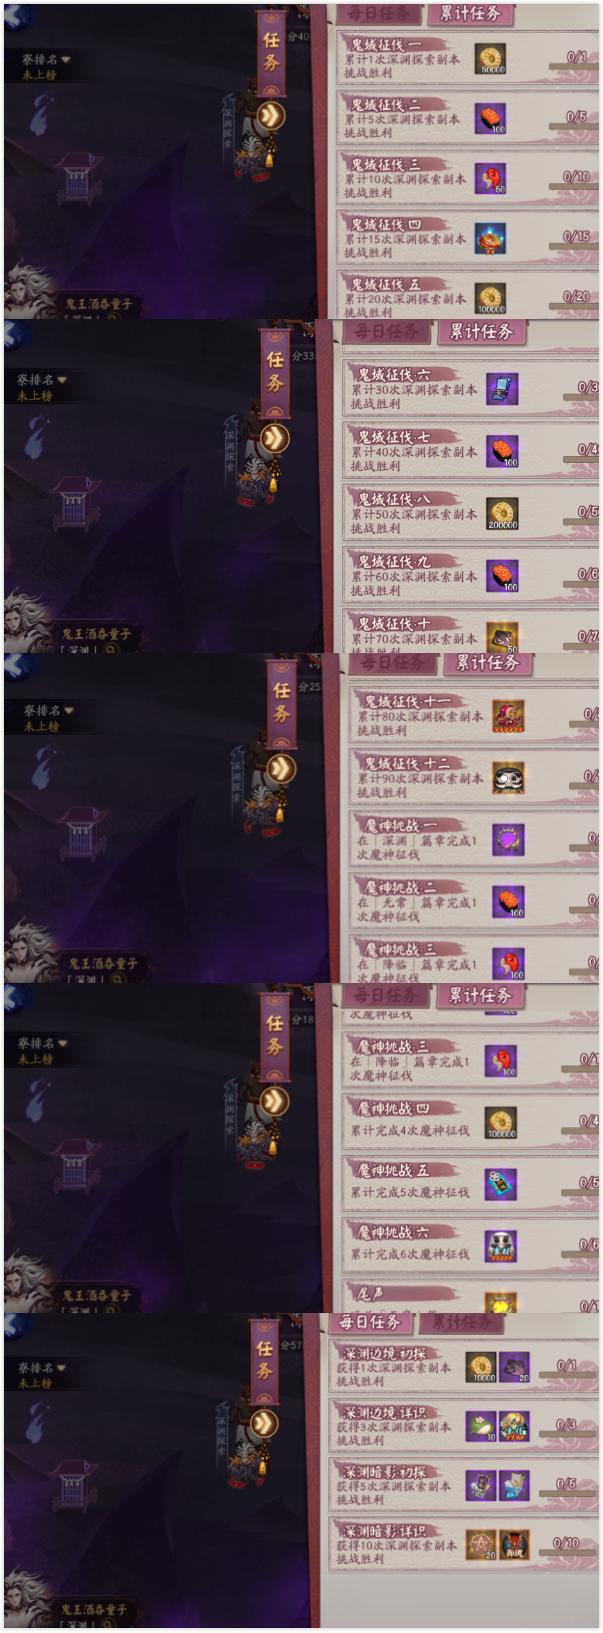 阴阳师深渊暗影鬼蜮篇玩法攻略及奖励一览